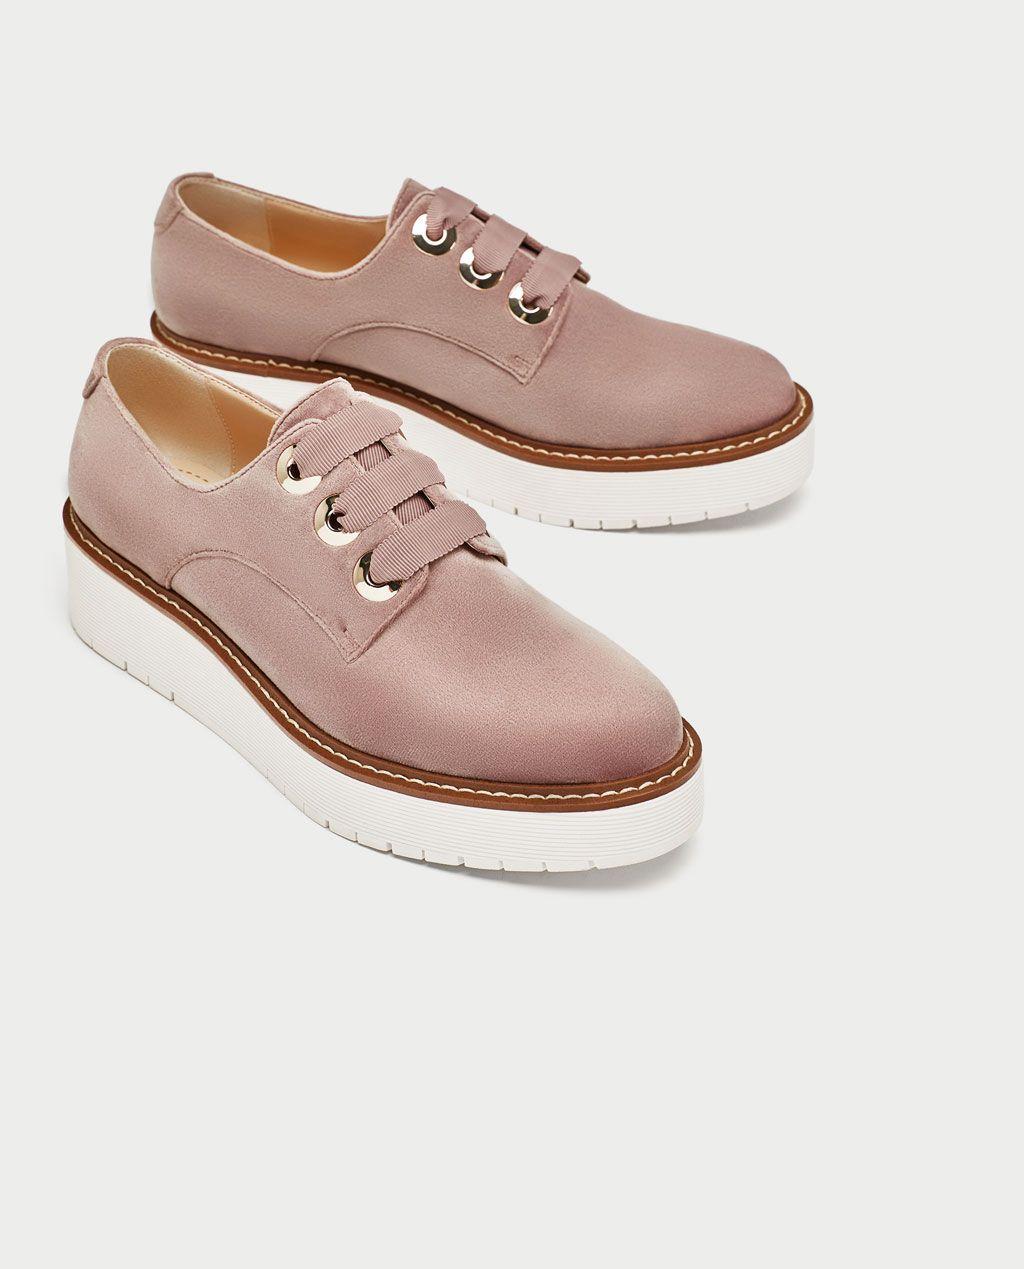 Dqq Mujeres Del Bowknot Pointu Glissement Sur Les Chaussures Plates, Couleur Beige, Talla 38